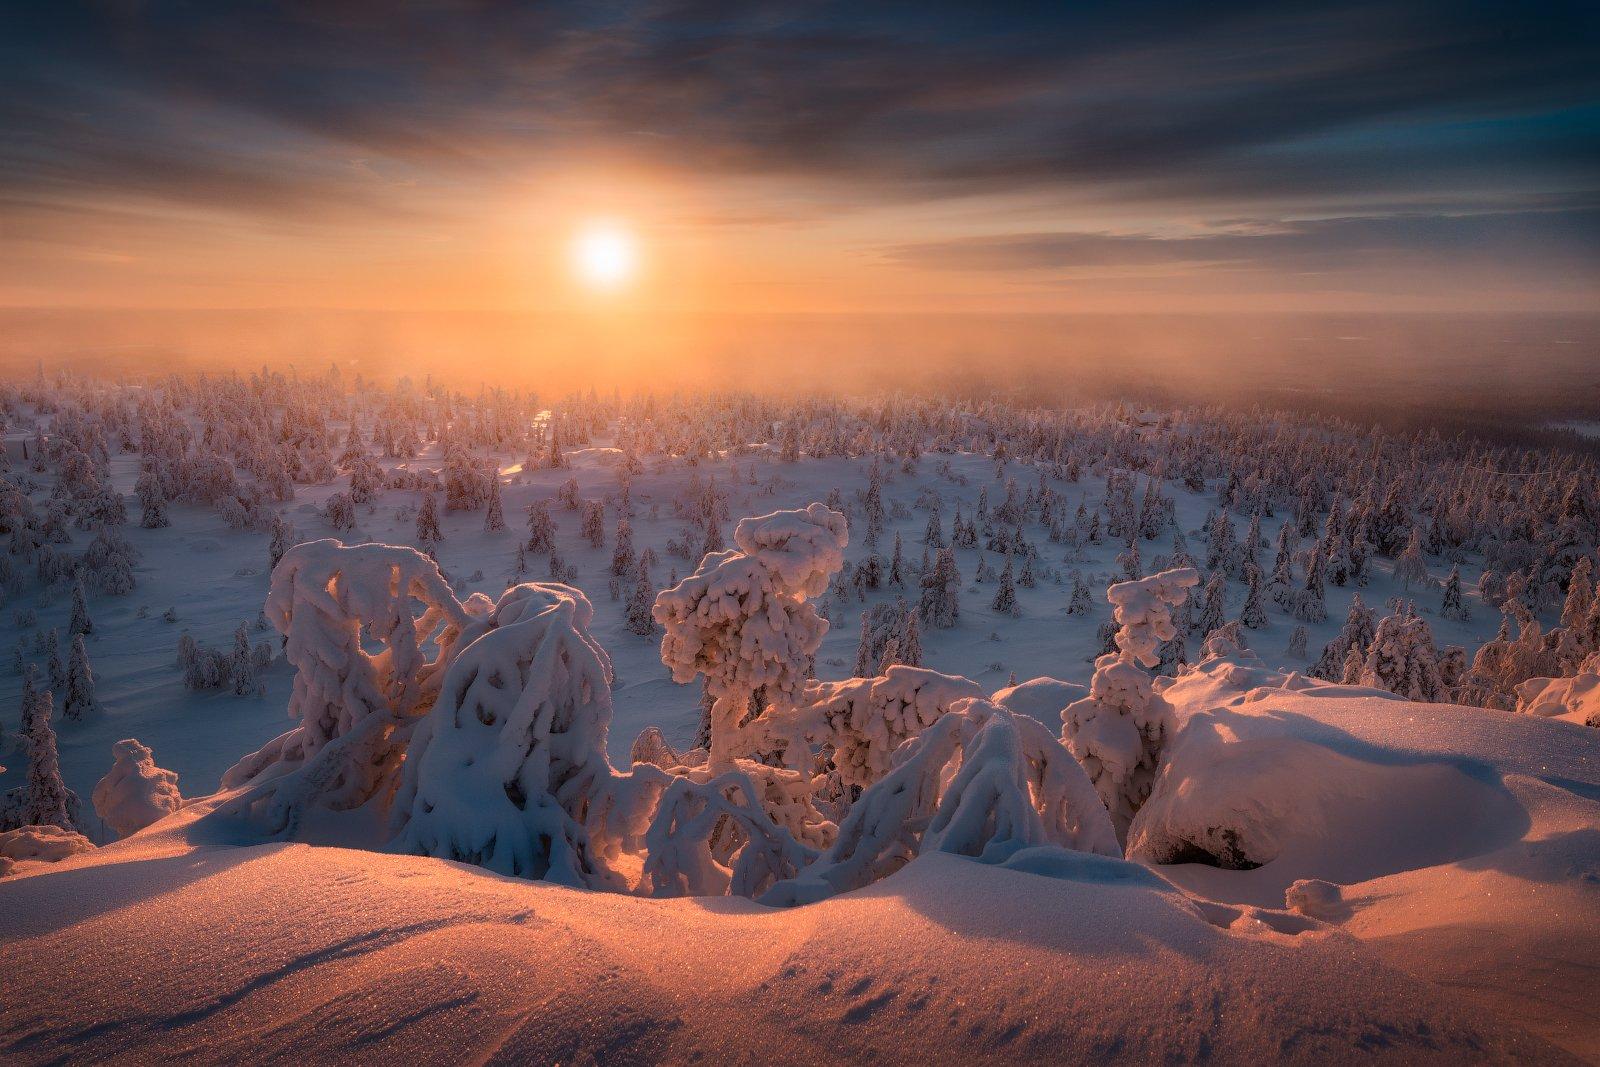 снег, ёлки, деревья, зима, солнце, небо, Cтанислав Малых